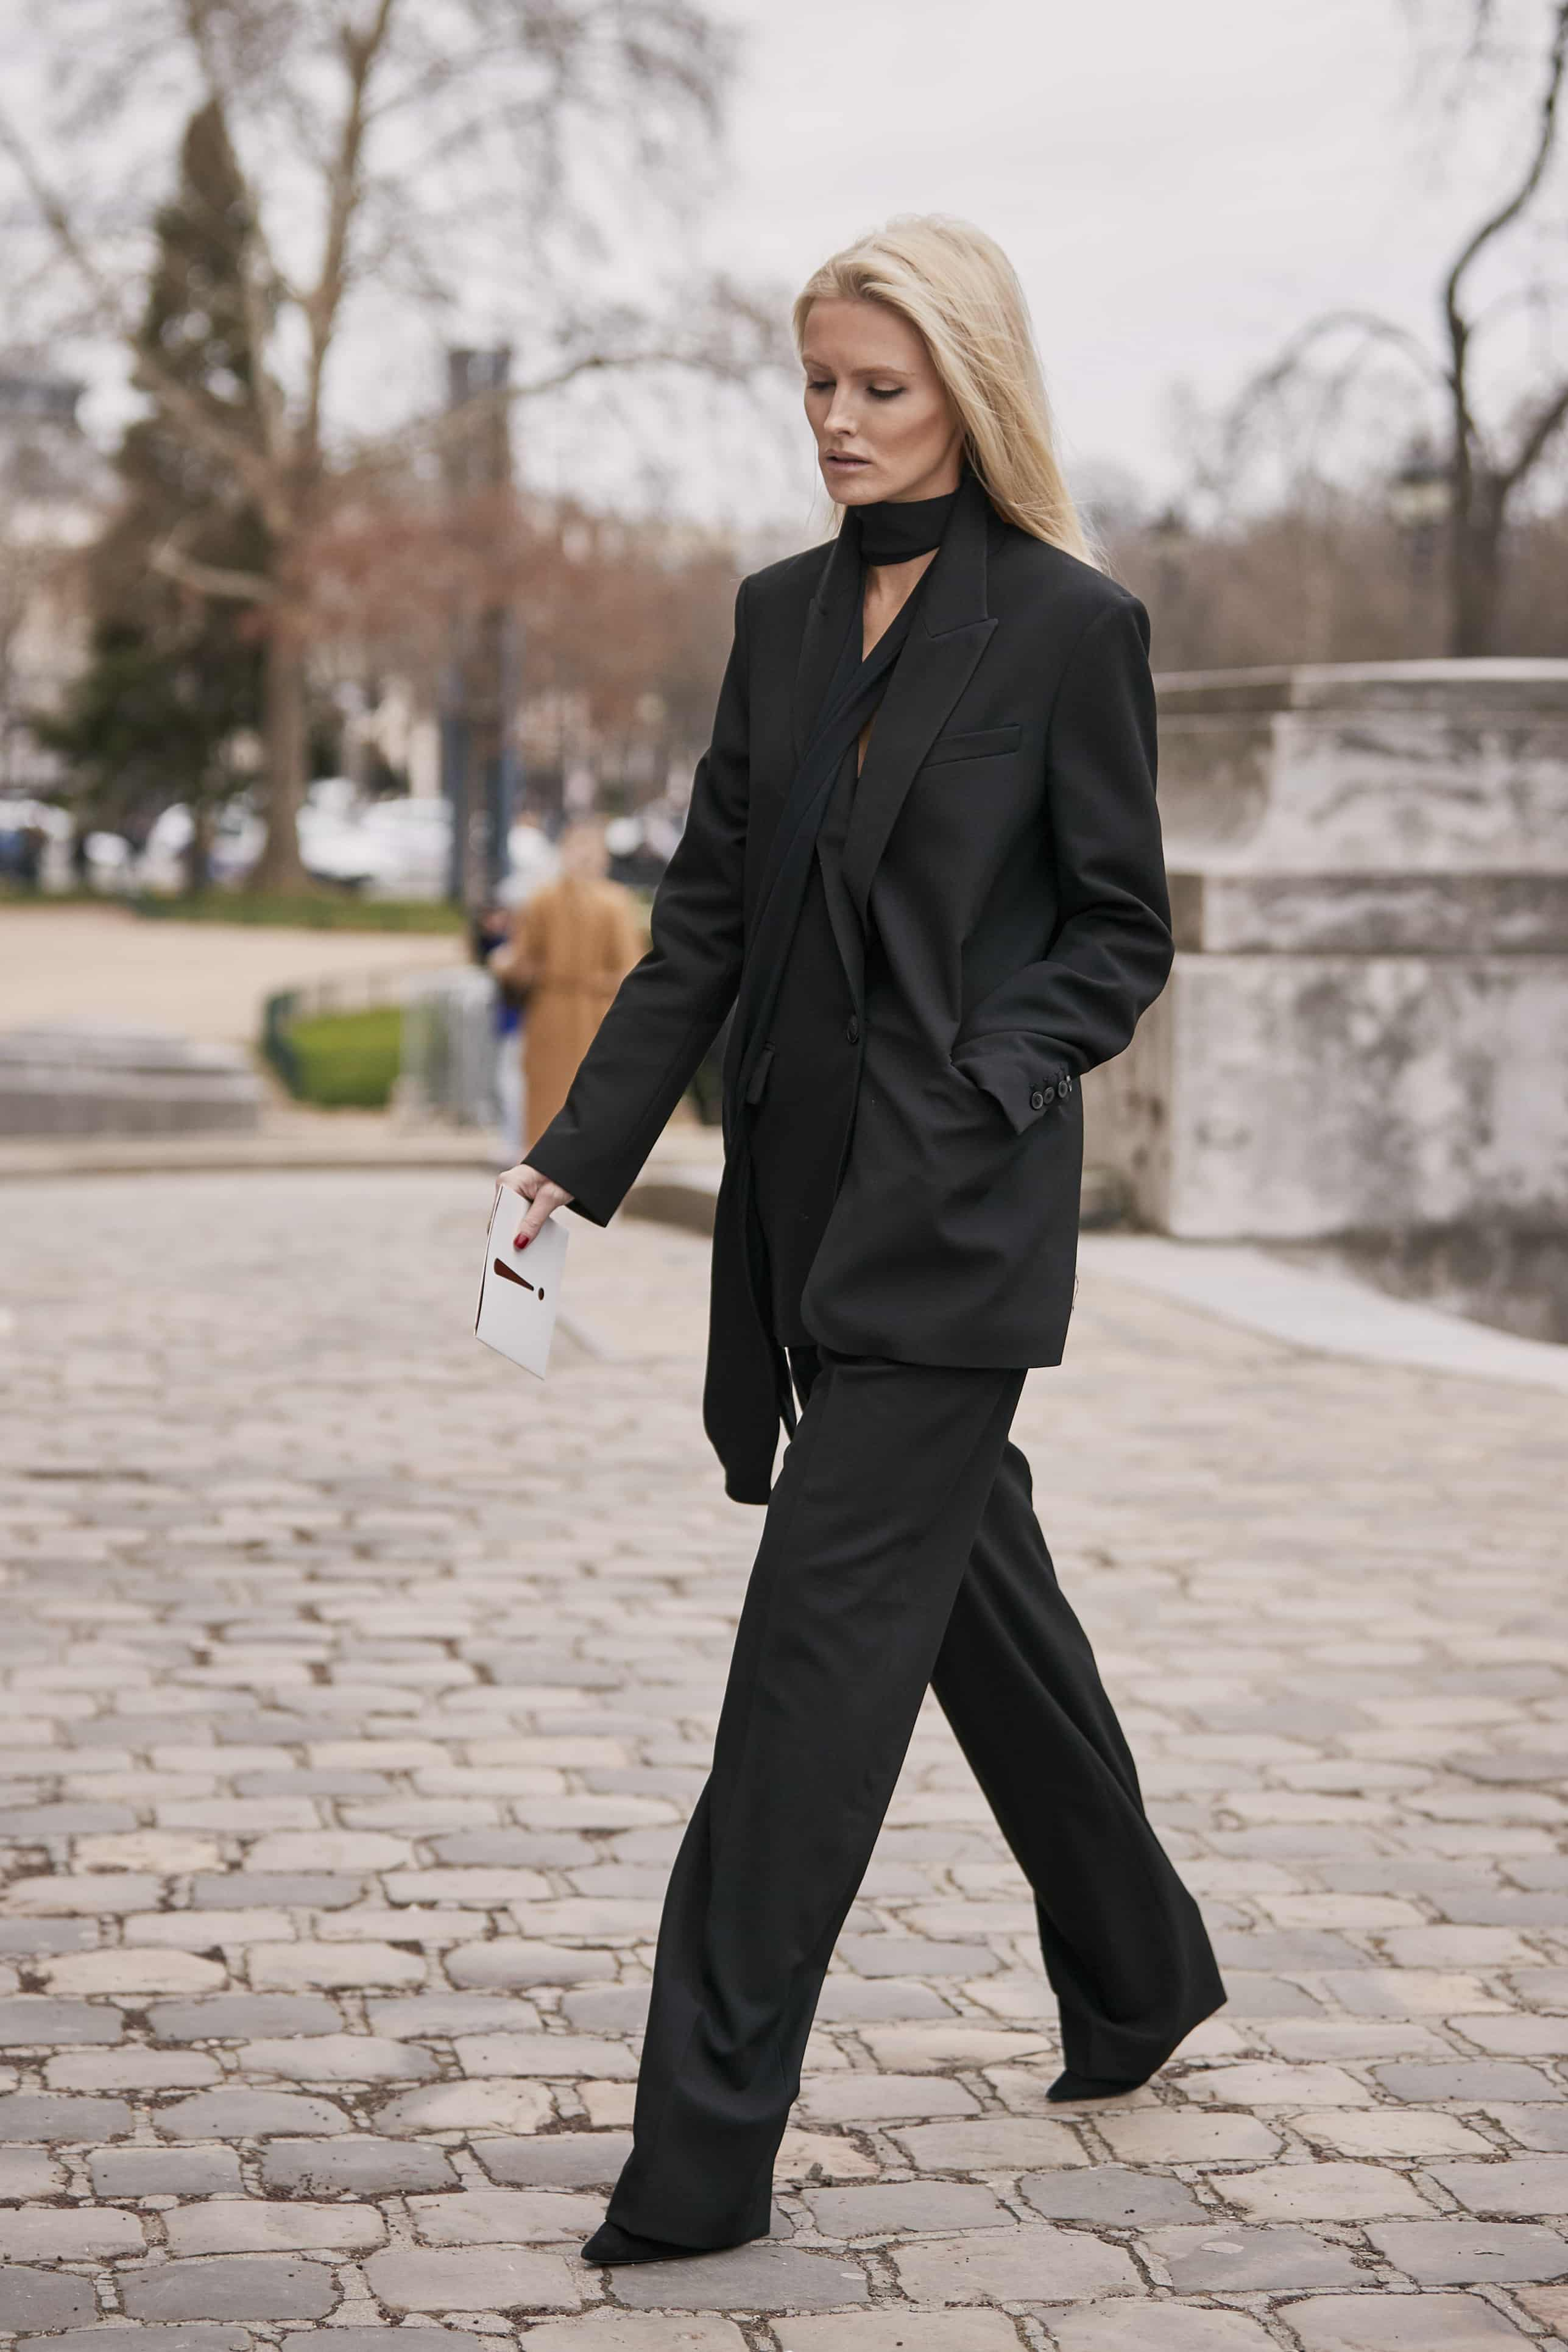 С чем носить черные брюки: неожиданные идеи на осень-Фото 4